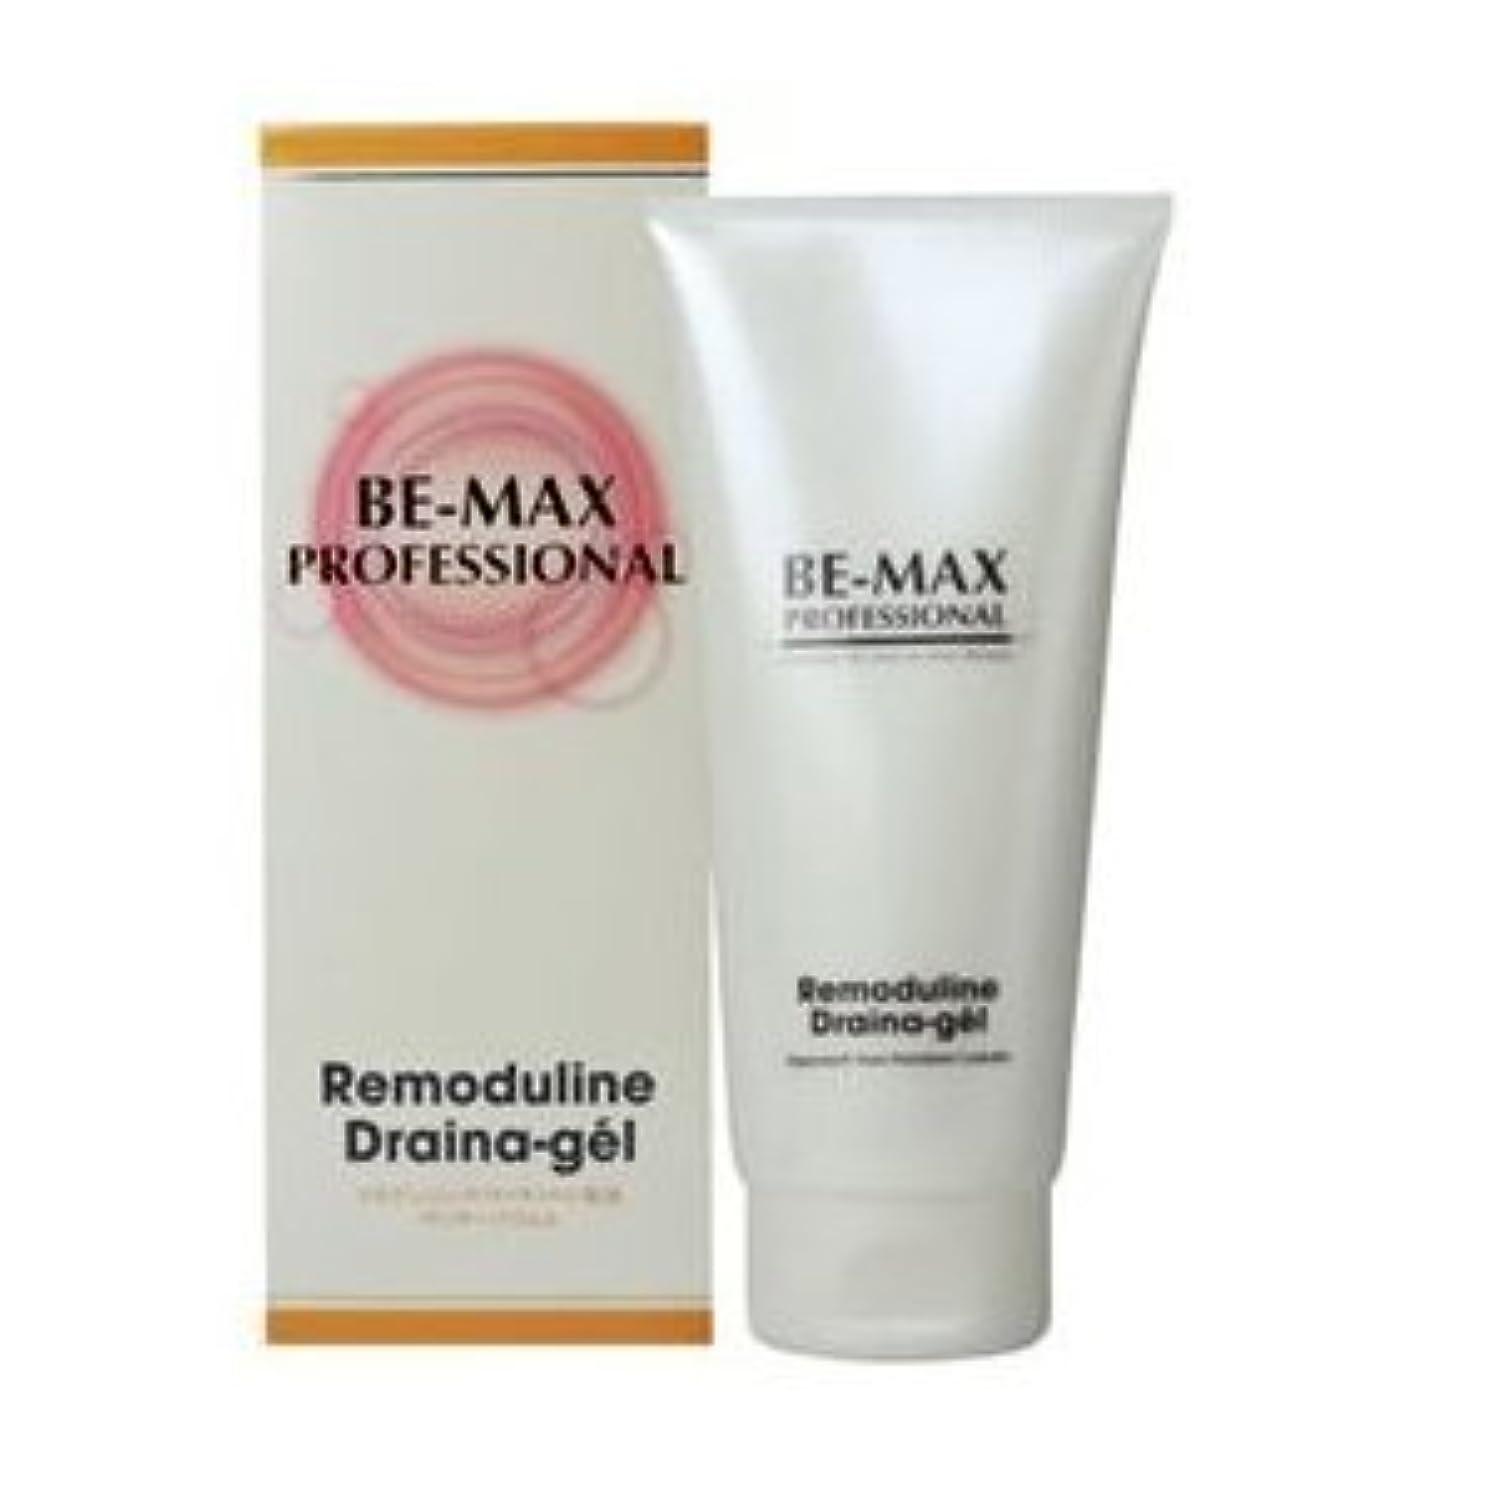 ステレオ途方もない出くわすBE-MAX PROFESSIONAL Remoduline Draina-gel リモデュリンドレナージェル 200G